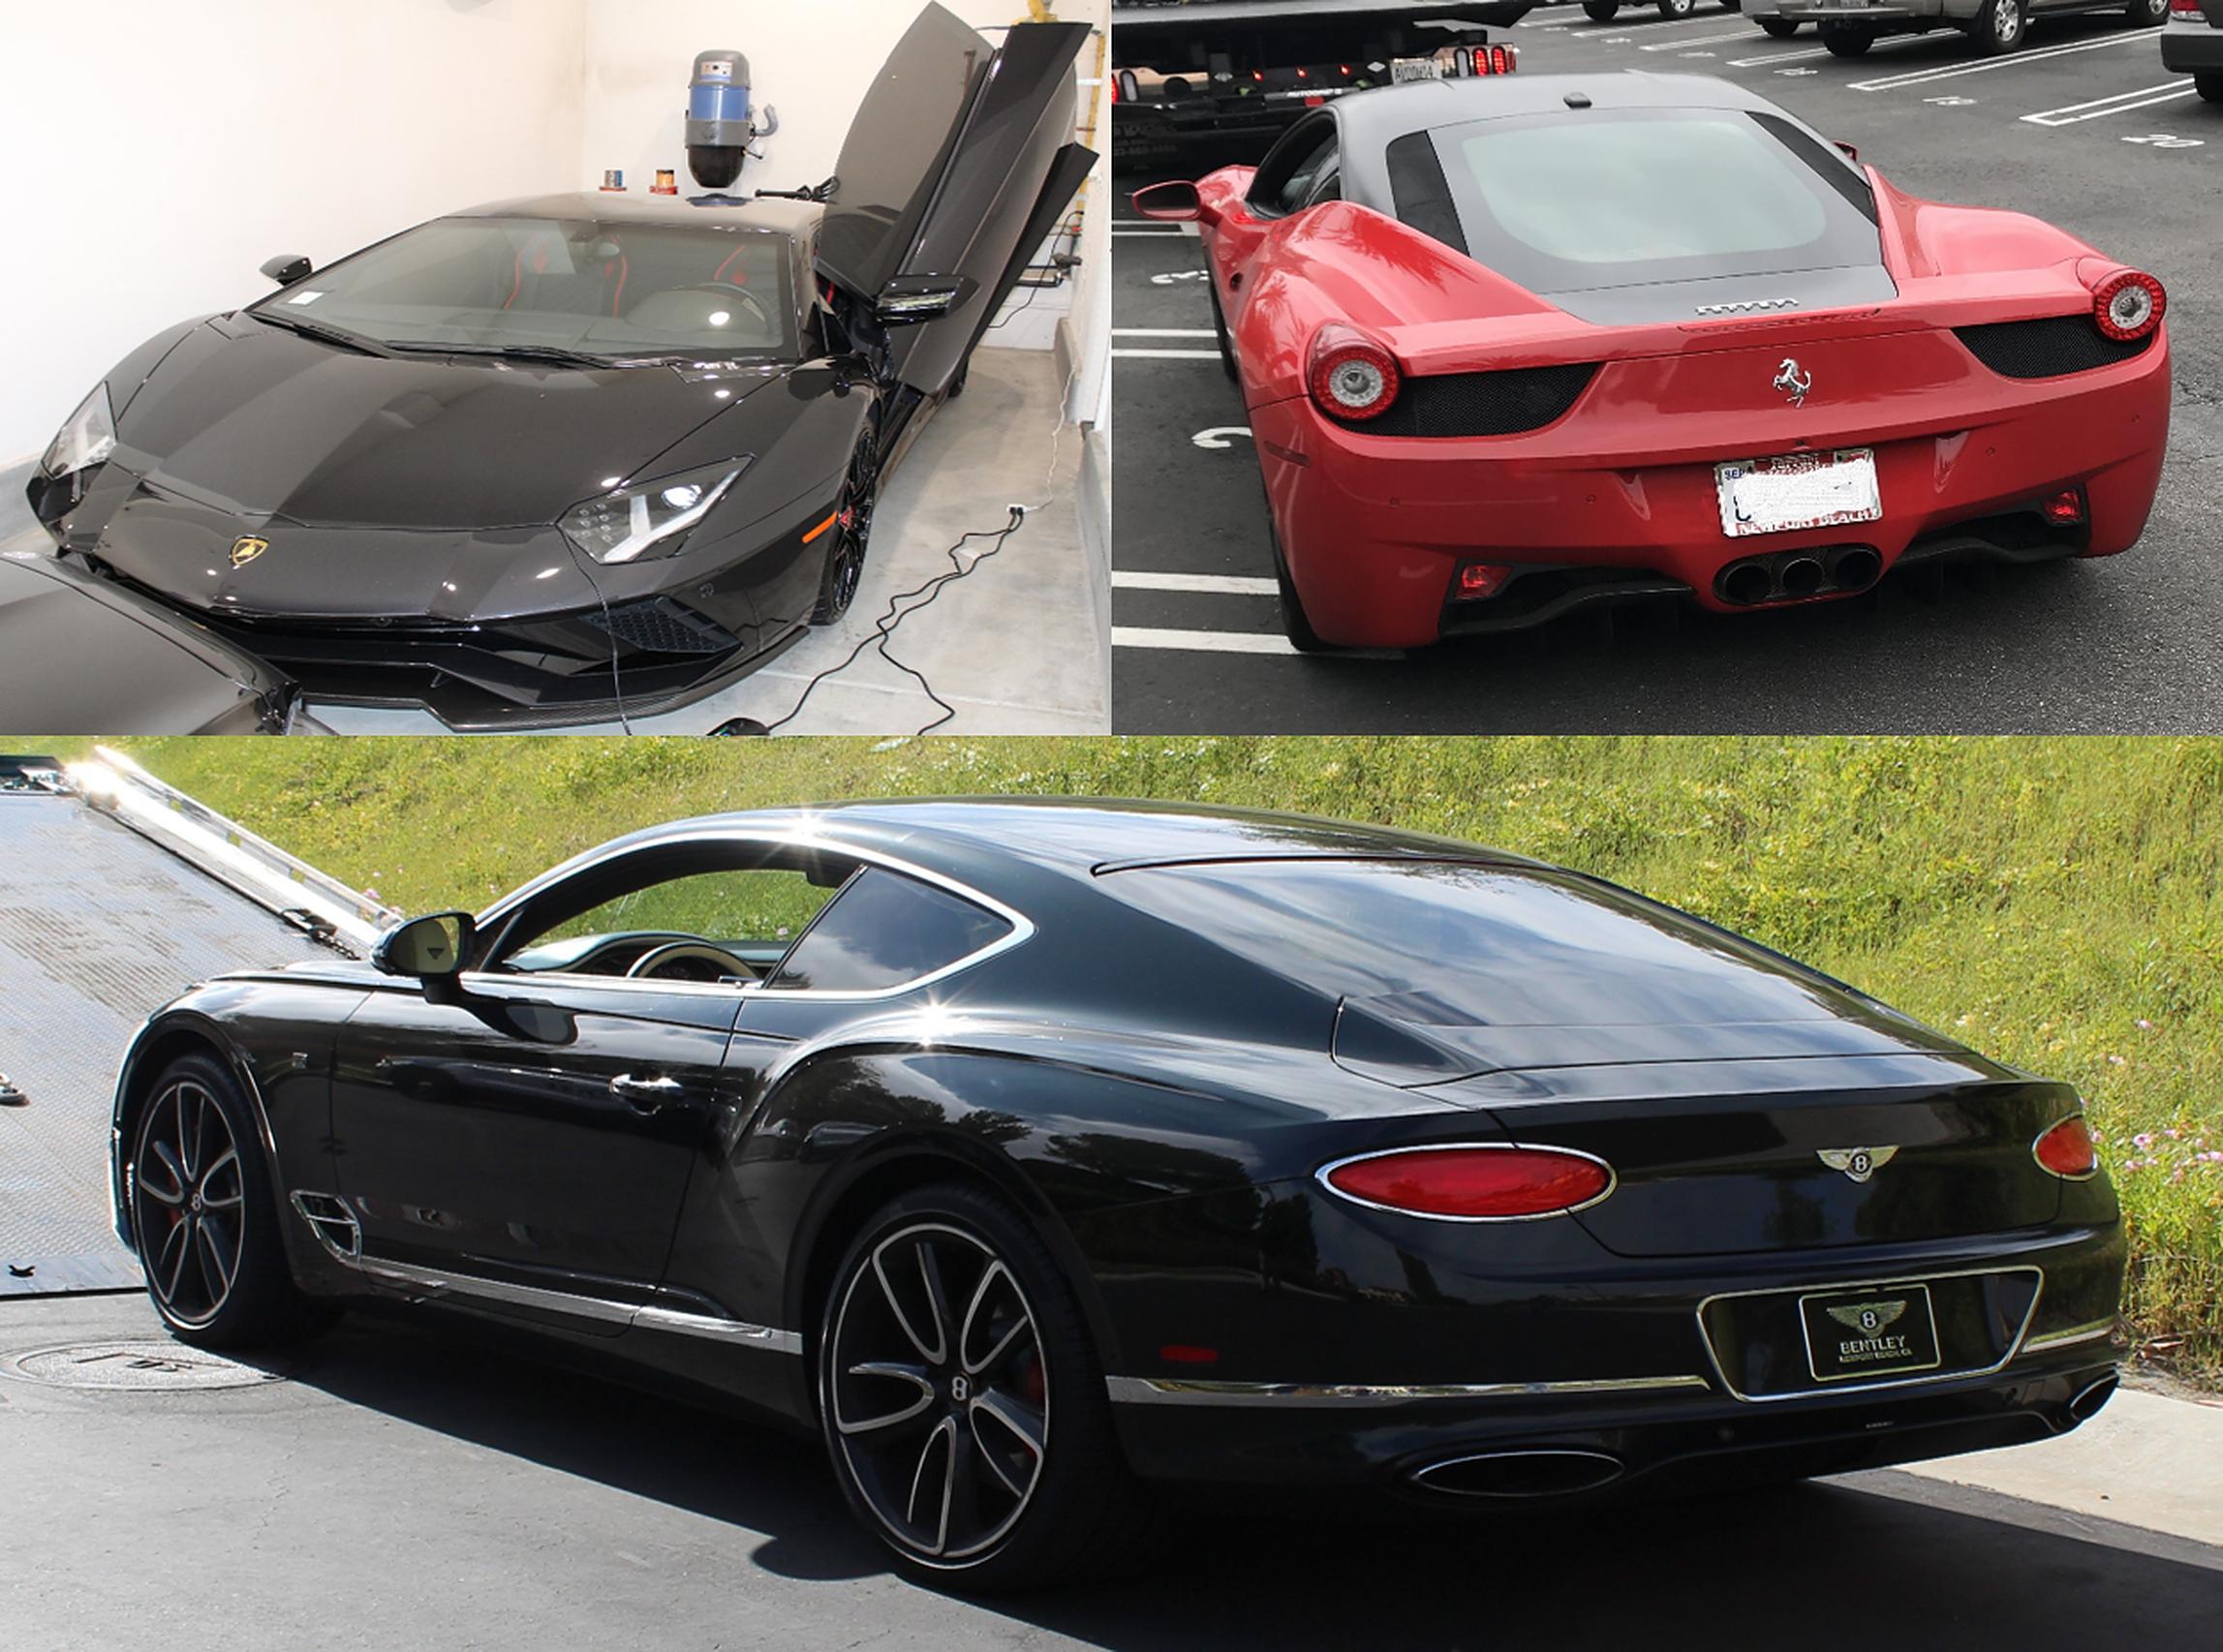 Ferrari, Lamborghini și Bentley achiziționate din banii de la fondul de ajutor Covid. Un afacerist american s-a săturat să-și conducă doar companiile